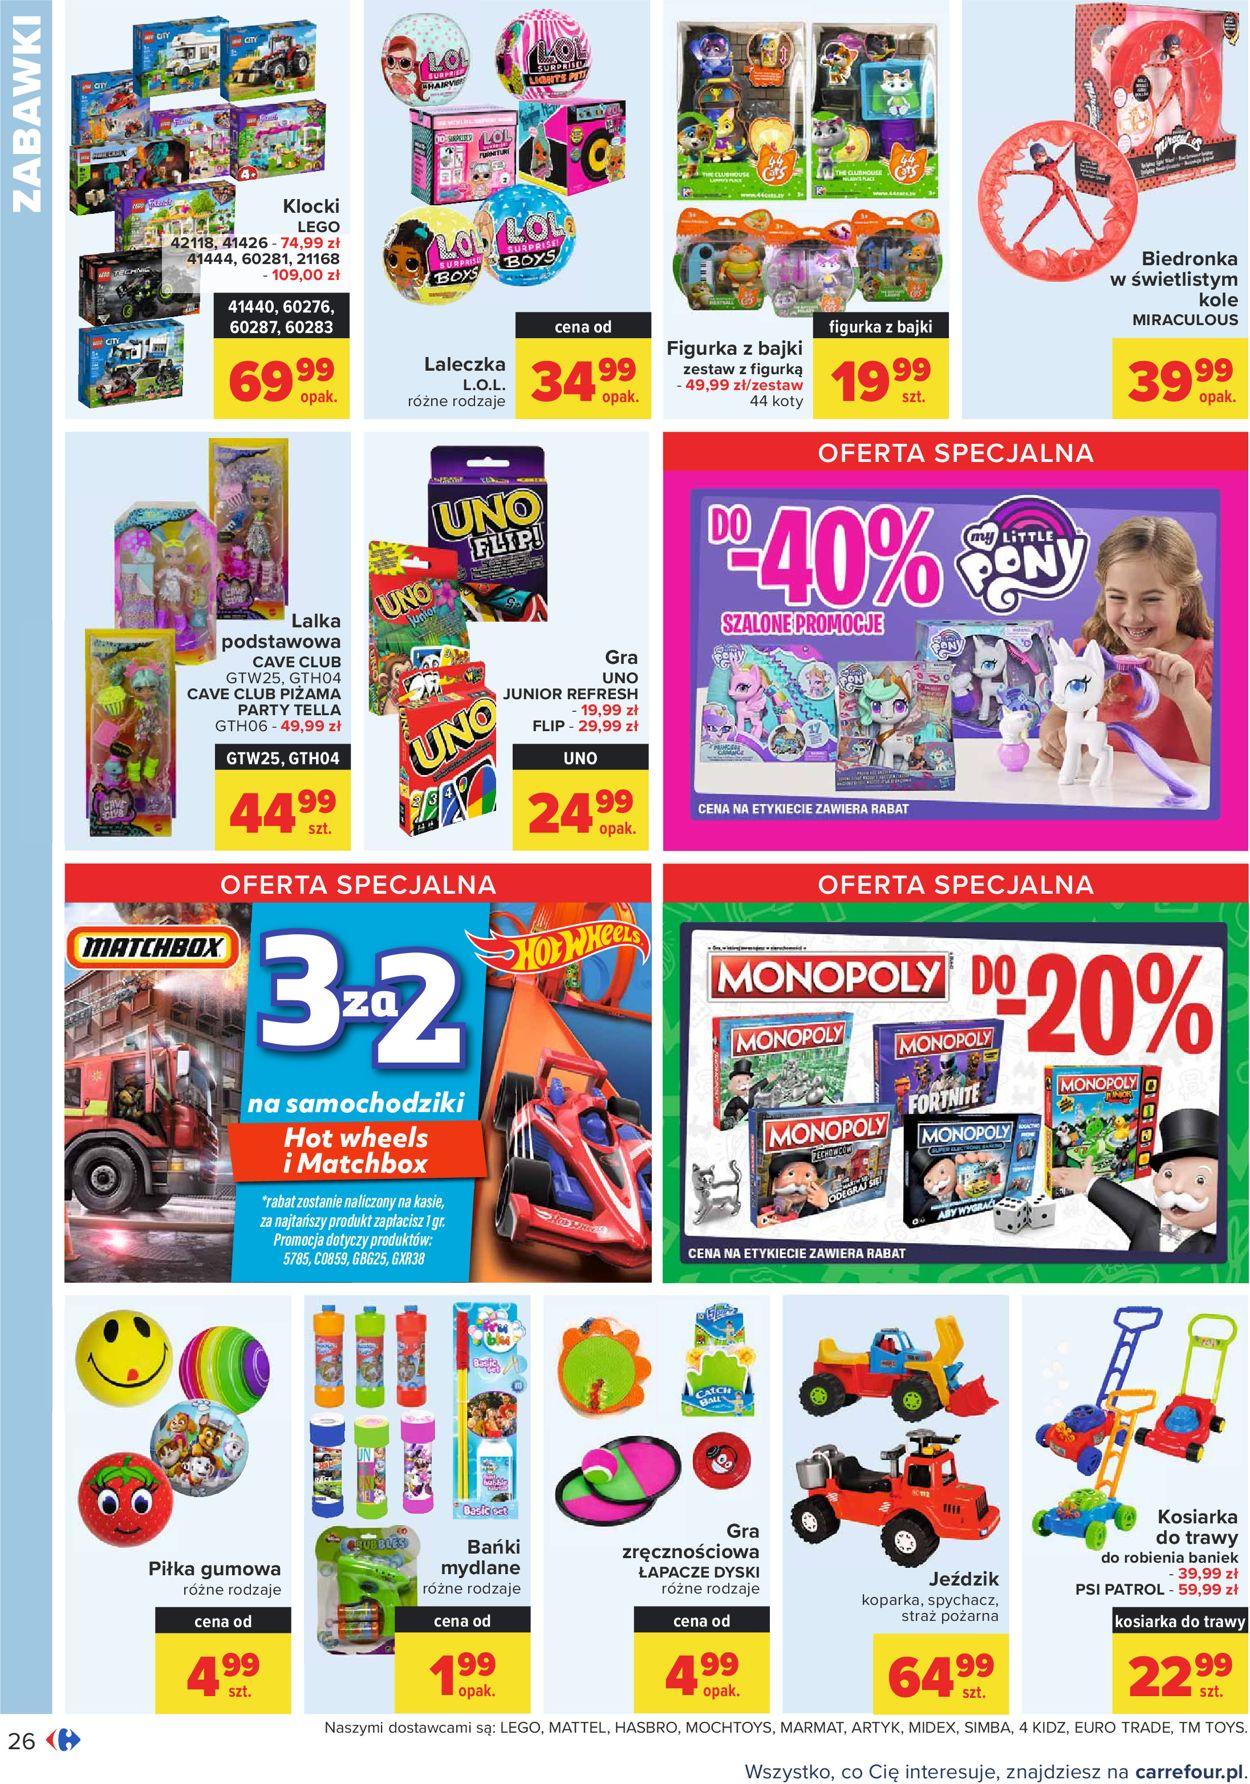 Gazetka promocyjna Carrefour - 15.06-27.06.2021 (Strona 26)